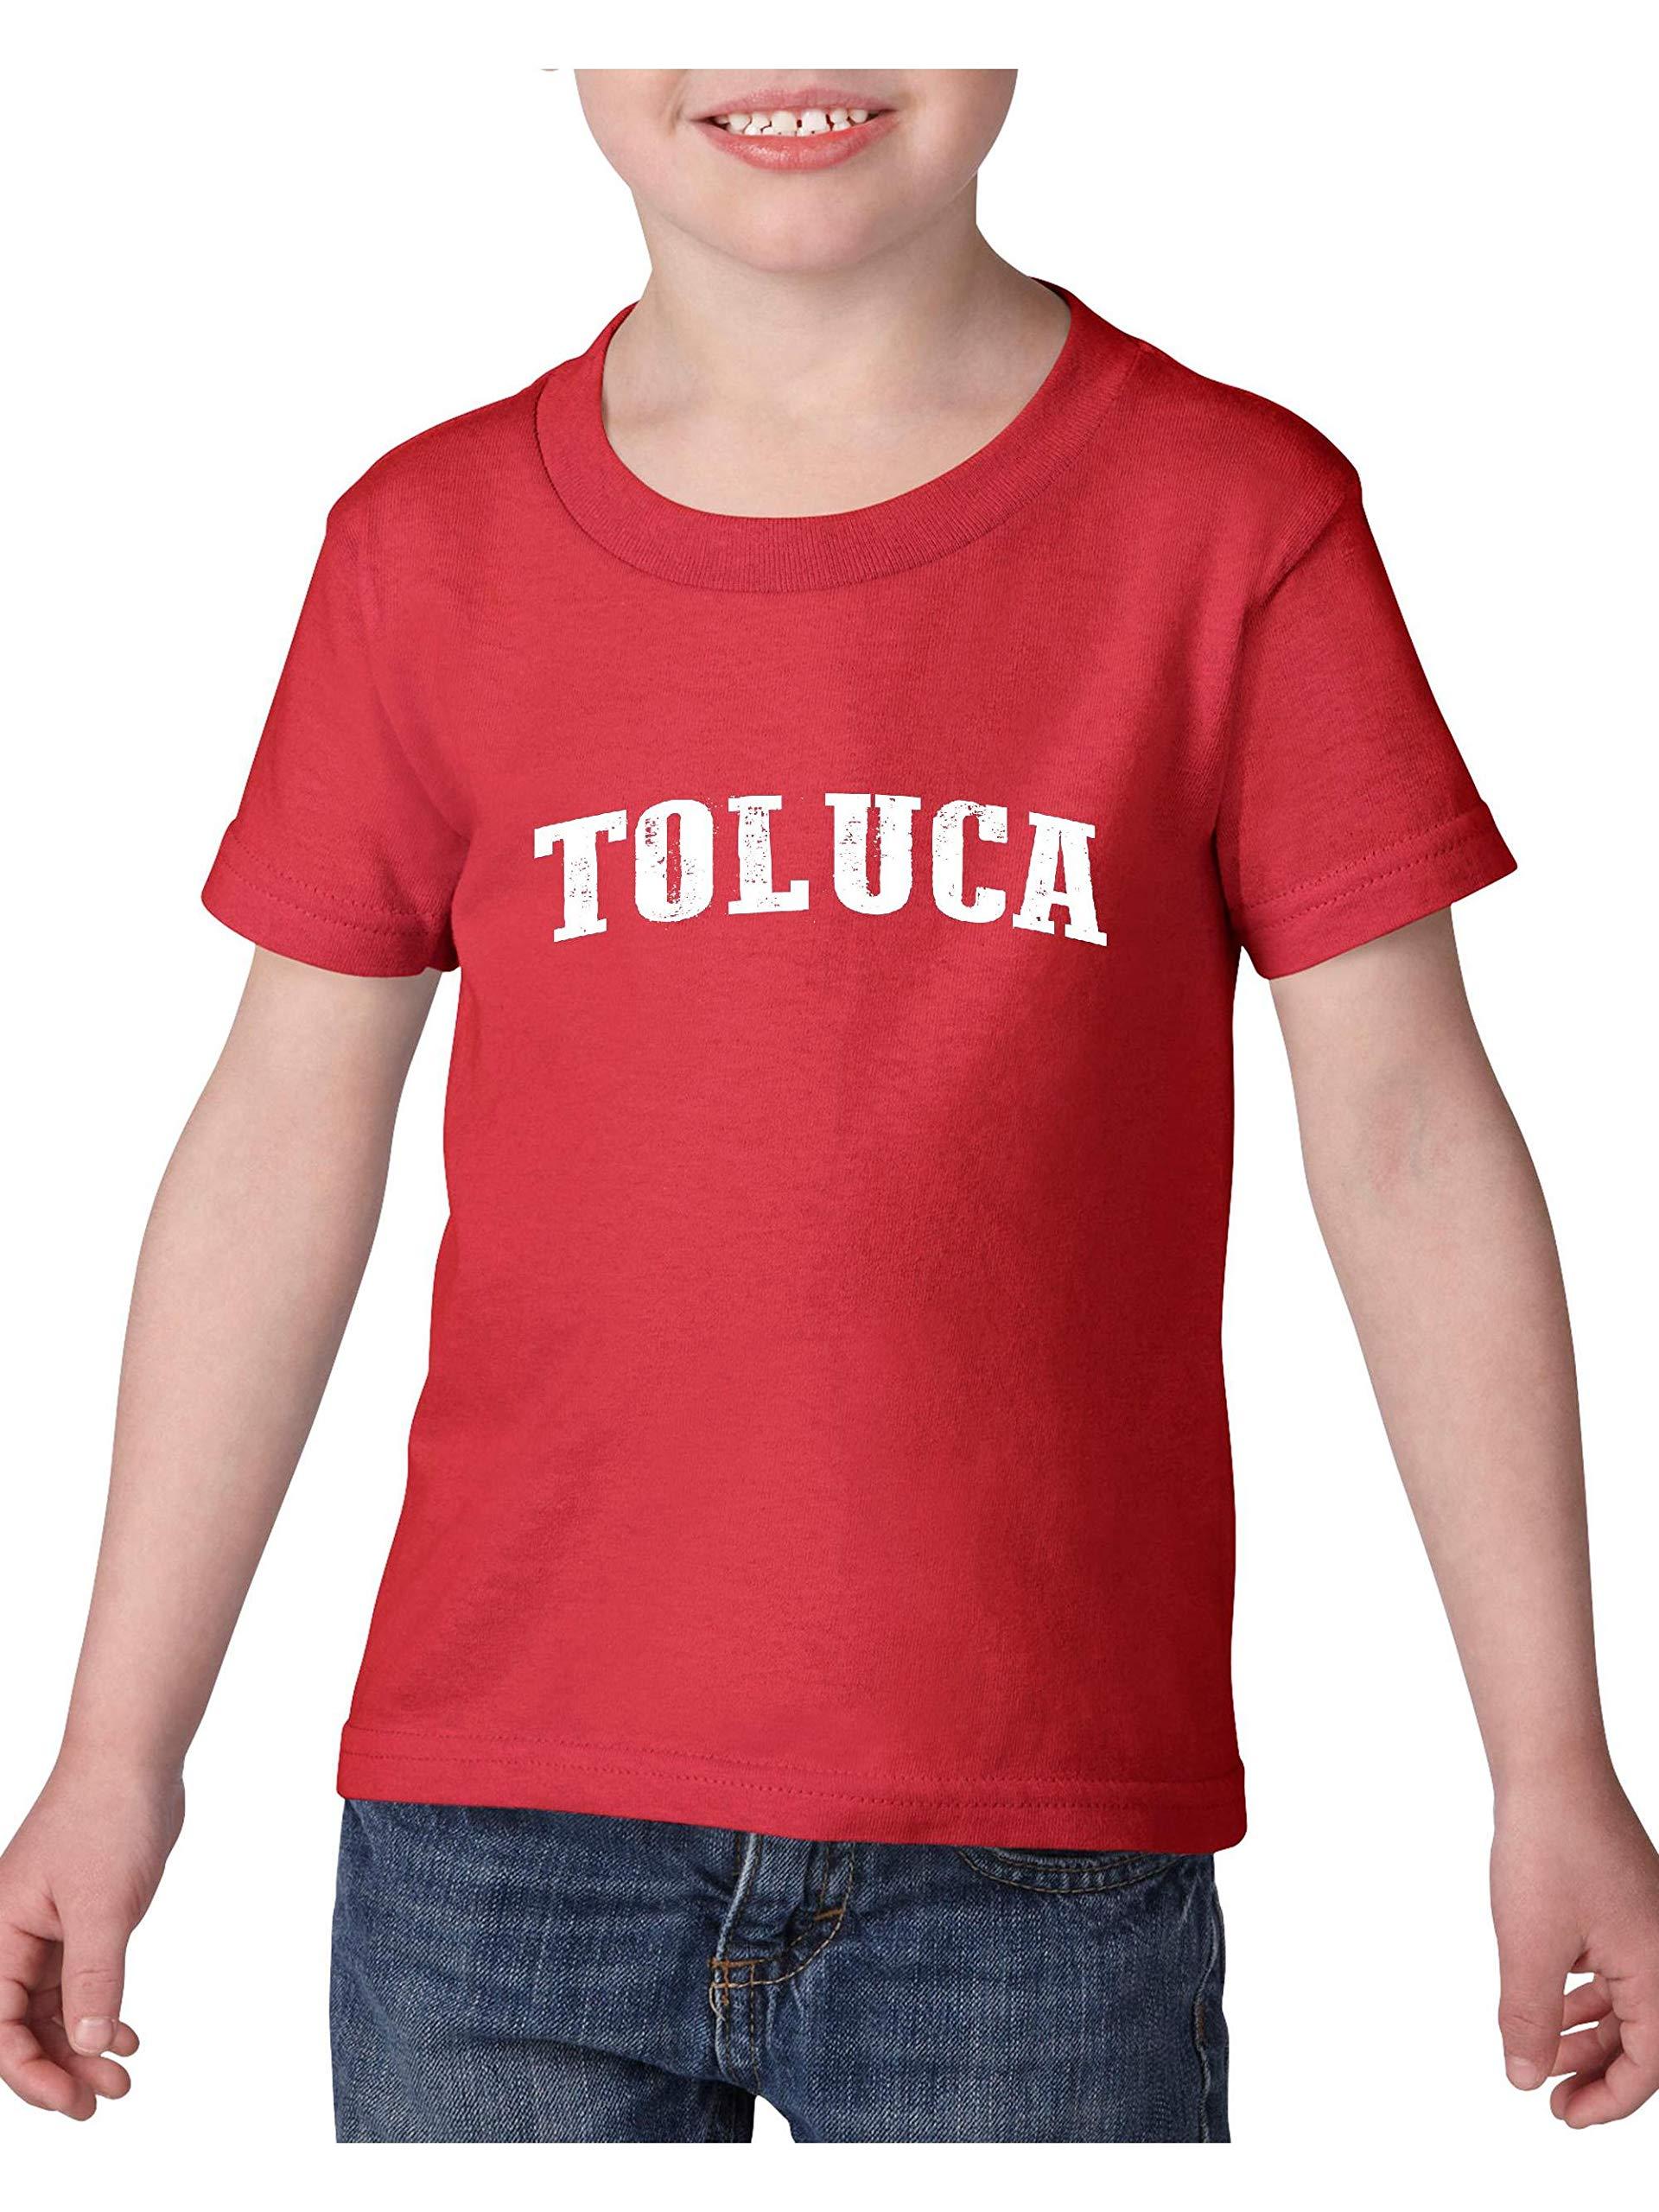 Mexico Cruise Family Vacation Gift Toluca Heavy Tee 2253 Shirts